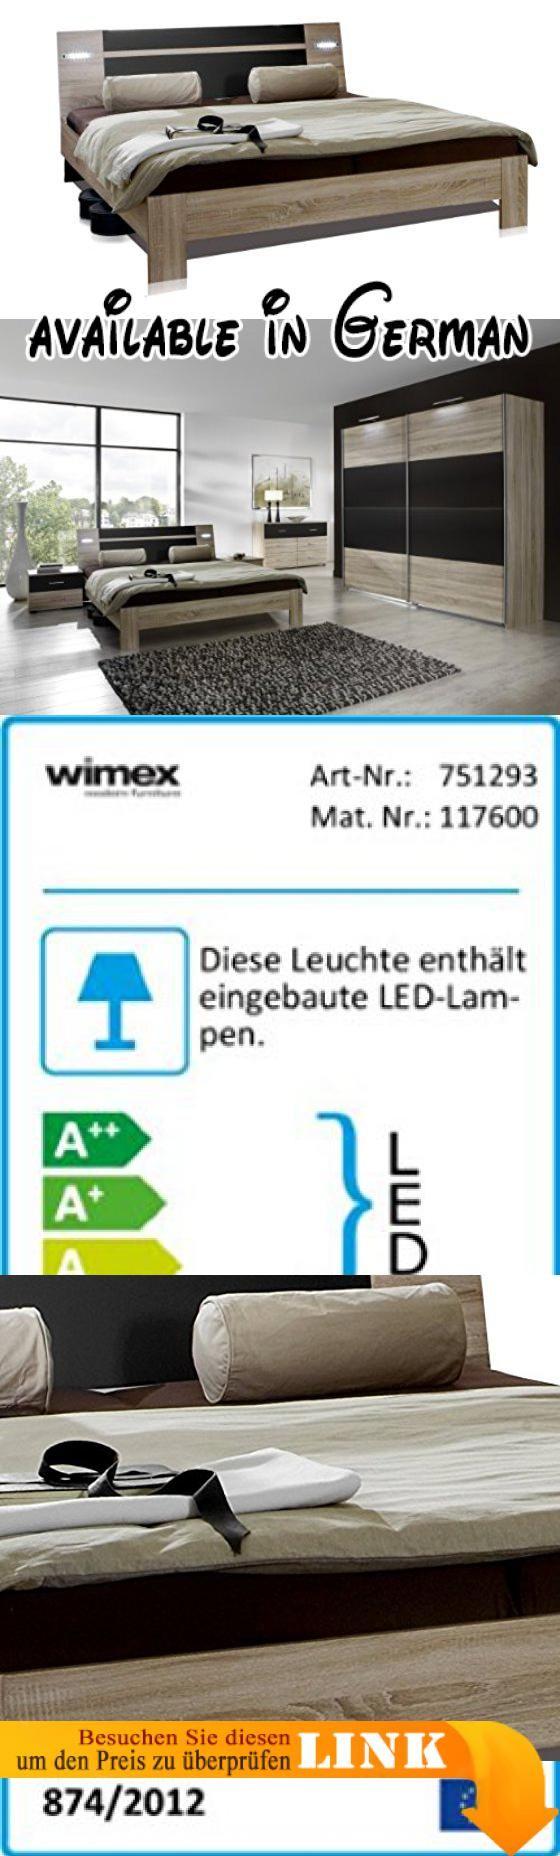 elektrischer lattenrost 90x200 amazon designer schlafzimmer retro bettw sche m bel mai. Black Bedroom Furniture Sets. Home Design Ideas